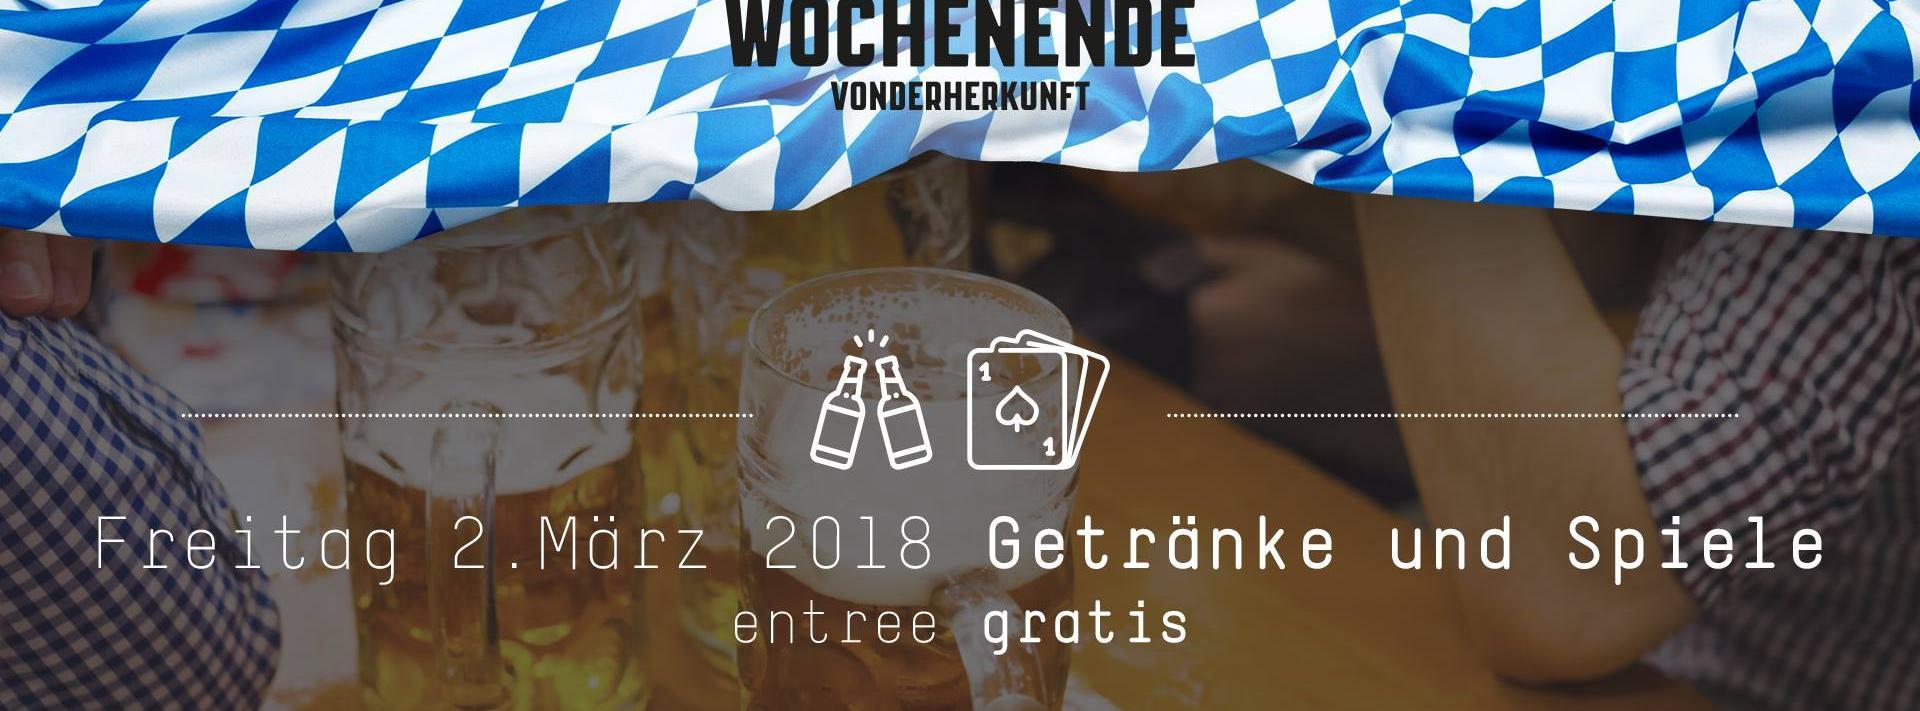 Getränke und Spiele | Das bayerische Wochenende Vonderherkunft ...